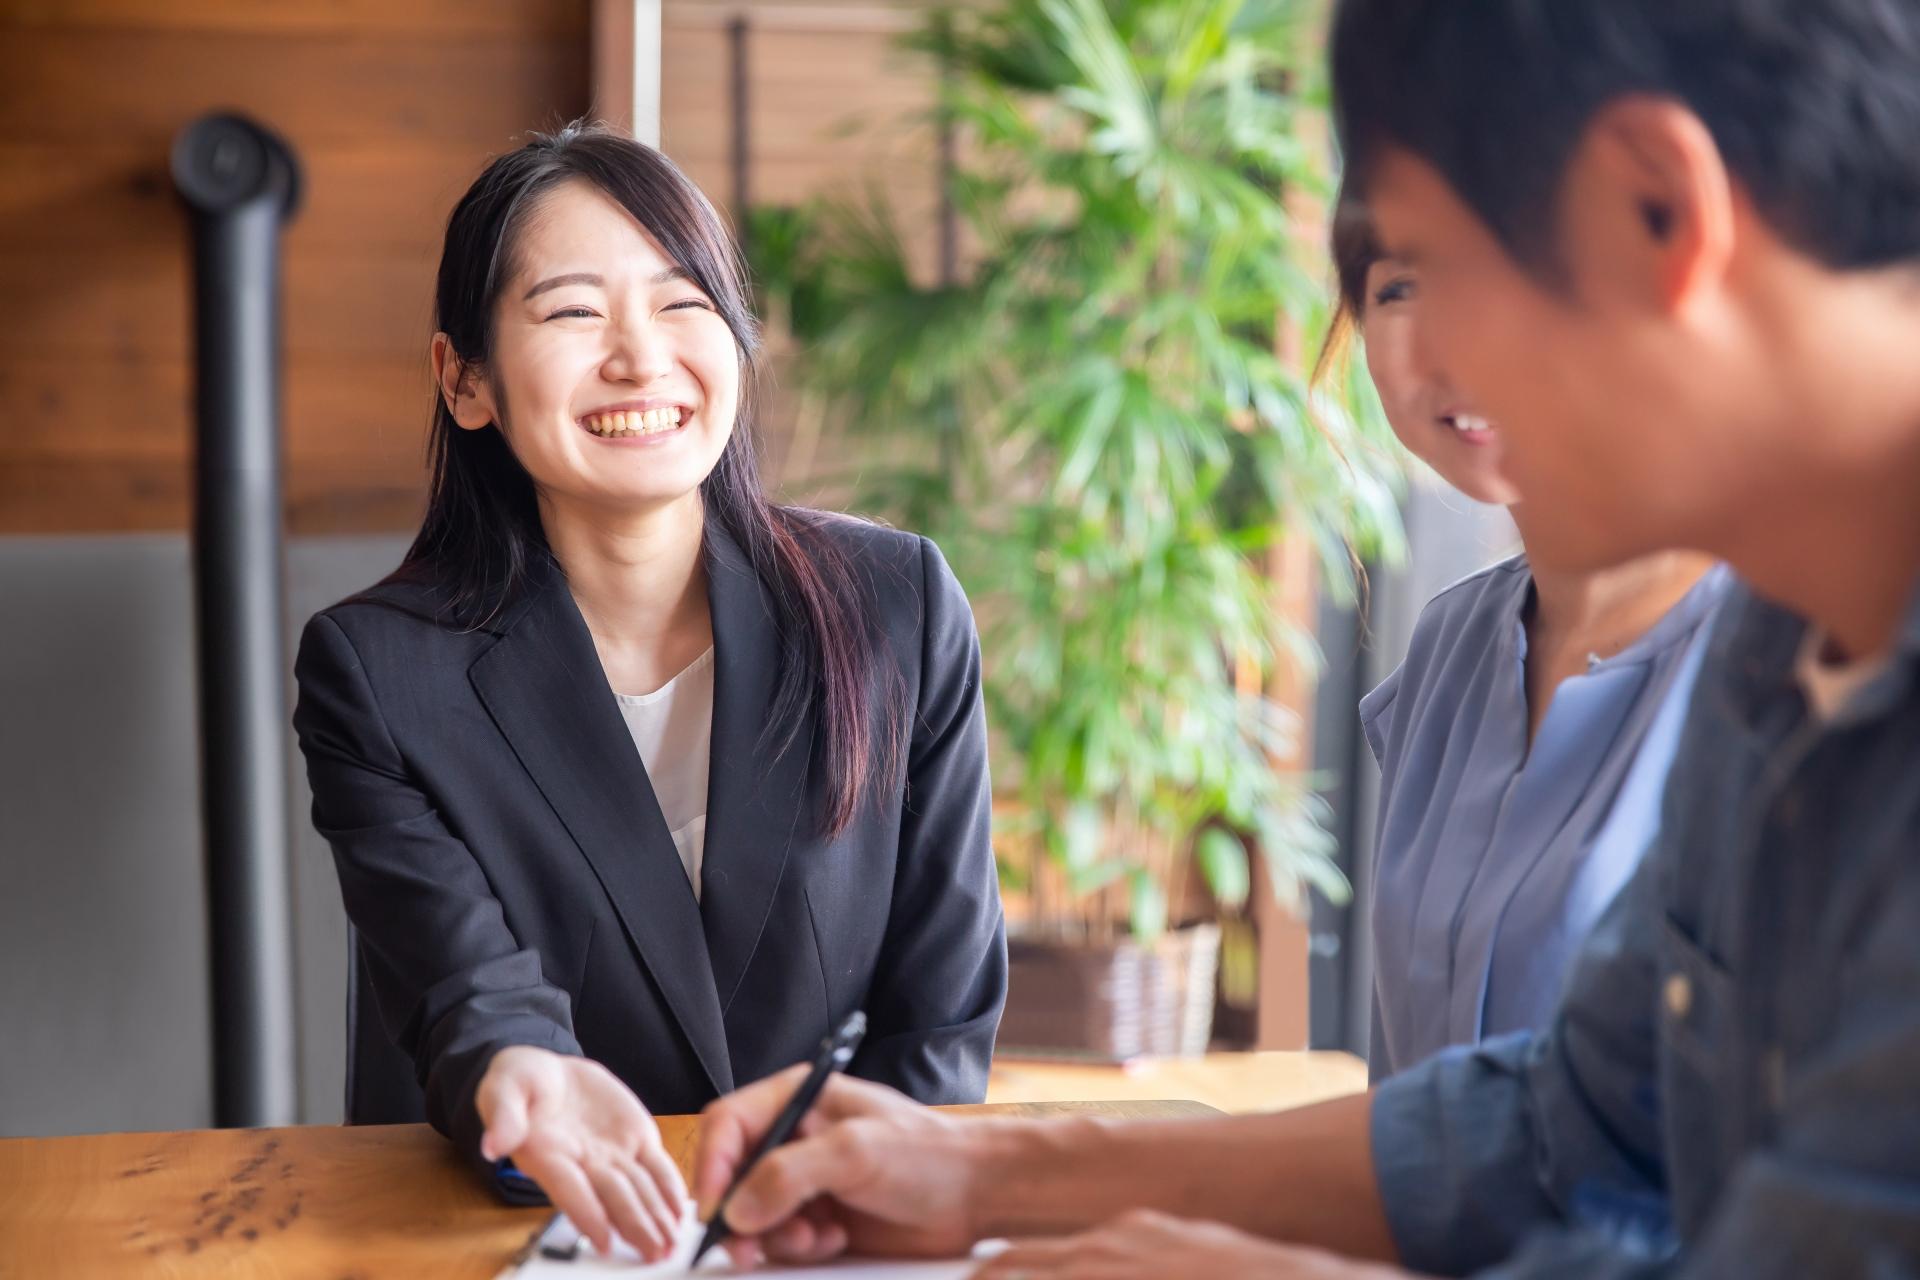 商談中のスーツ姿の女性